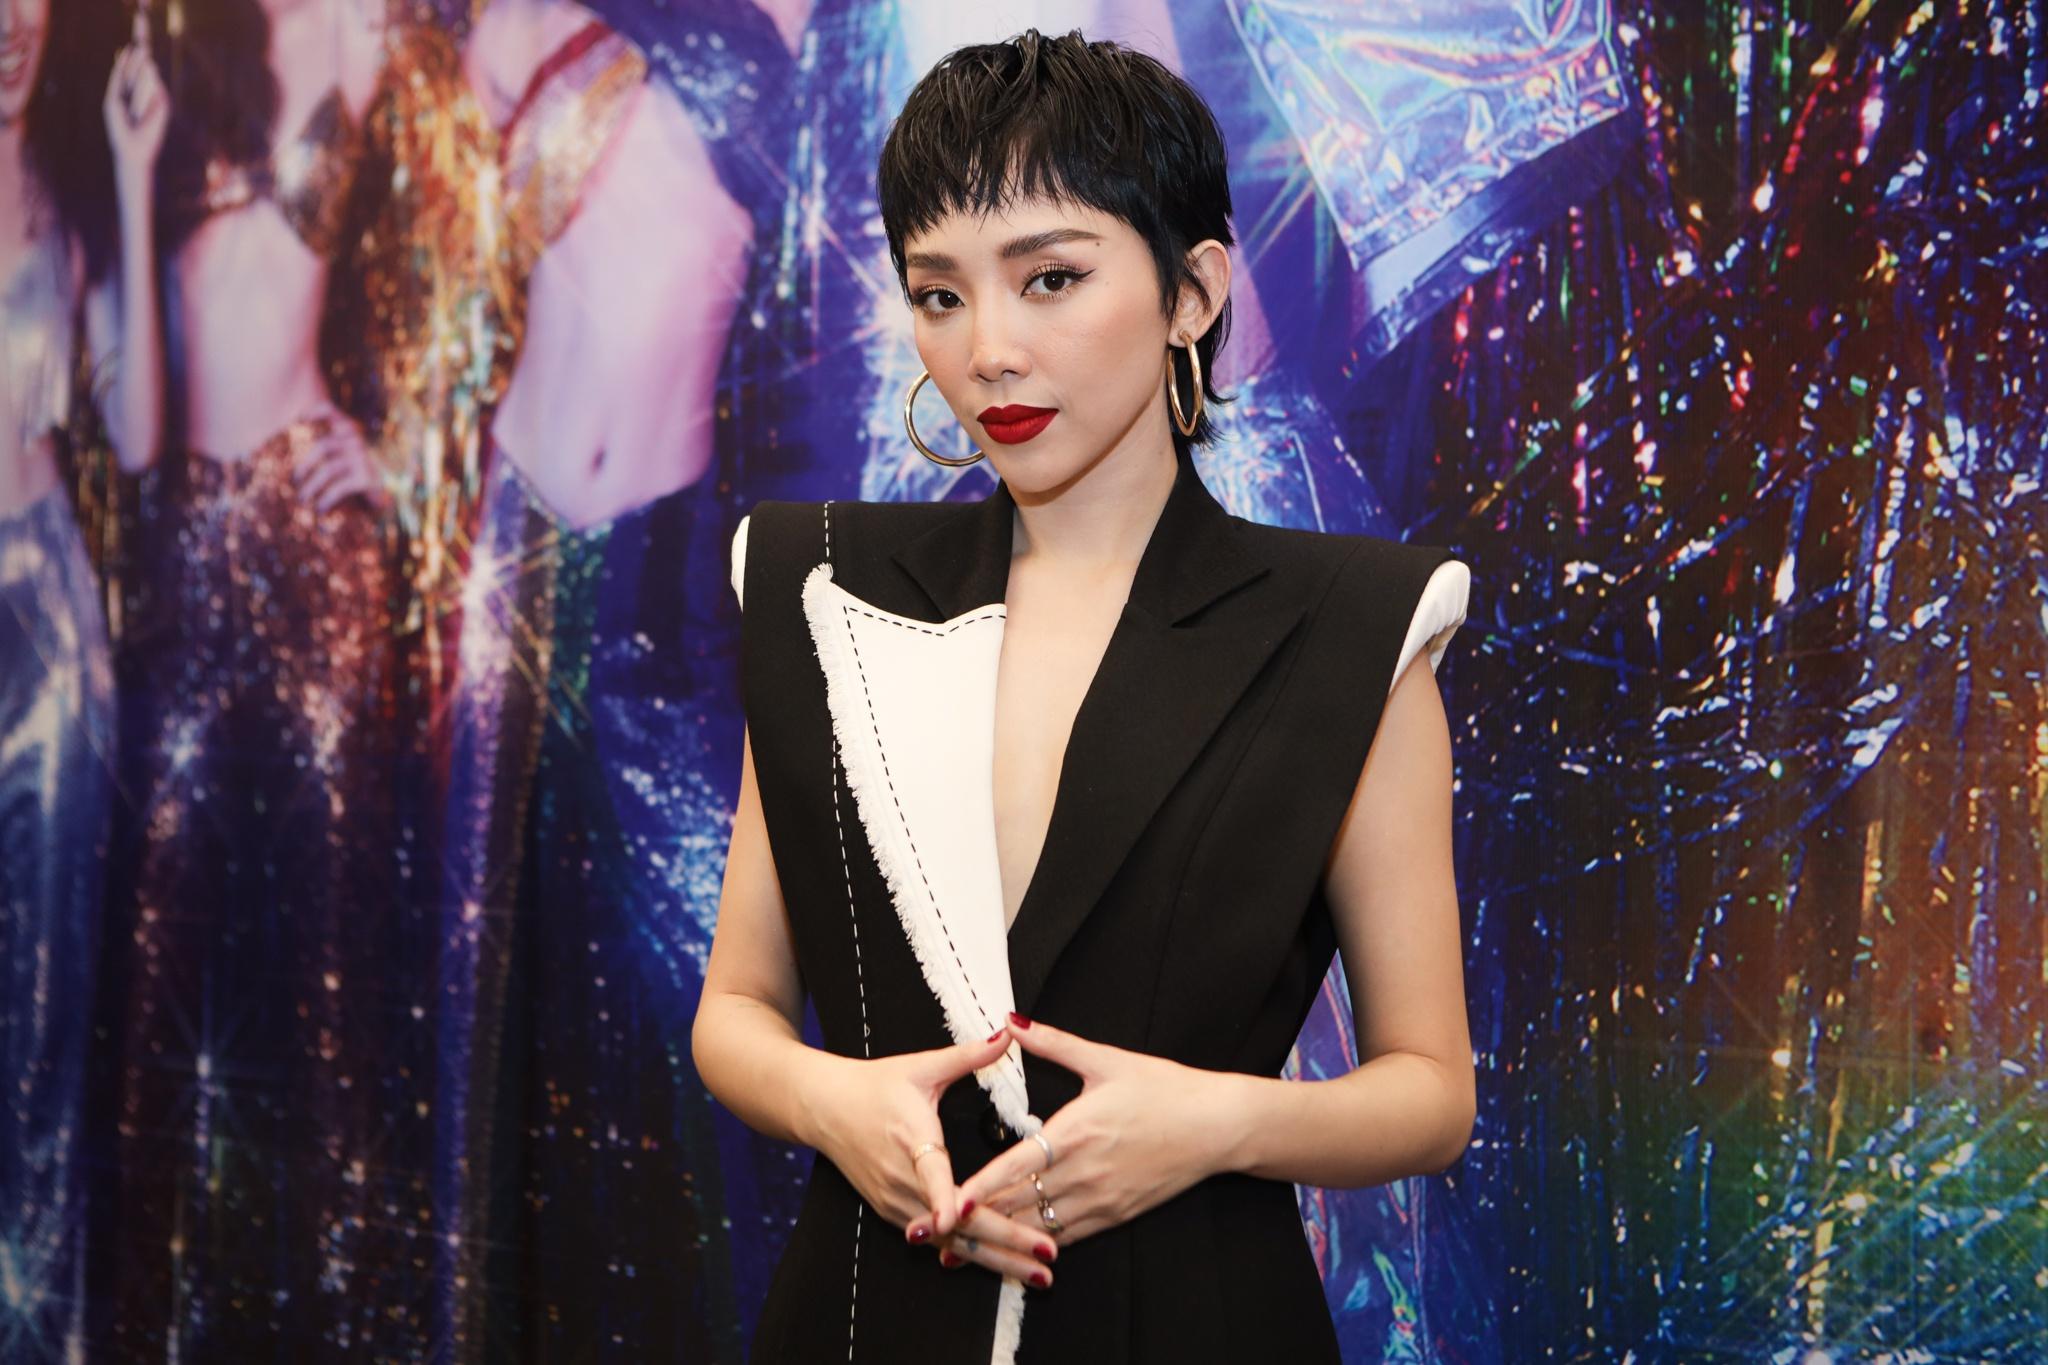 Nữ ca sĩ chia sẻ cô gặp áp lực khi làm việc với đạo diễn Ngô Thanh Vân. Ảnh: Phương Lâm.